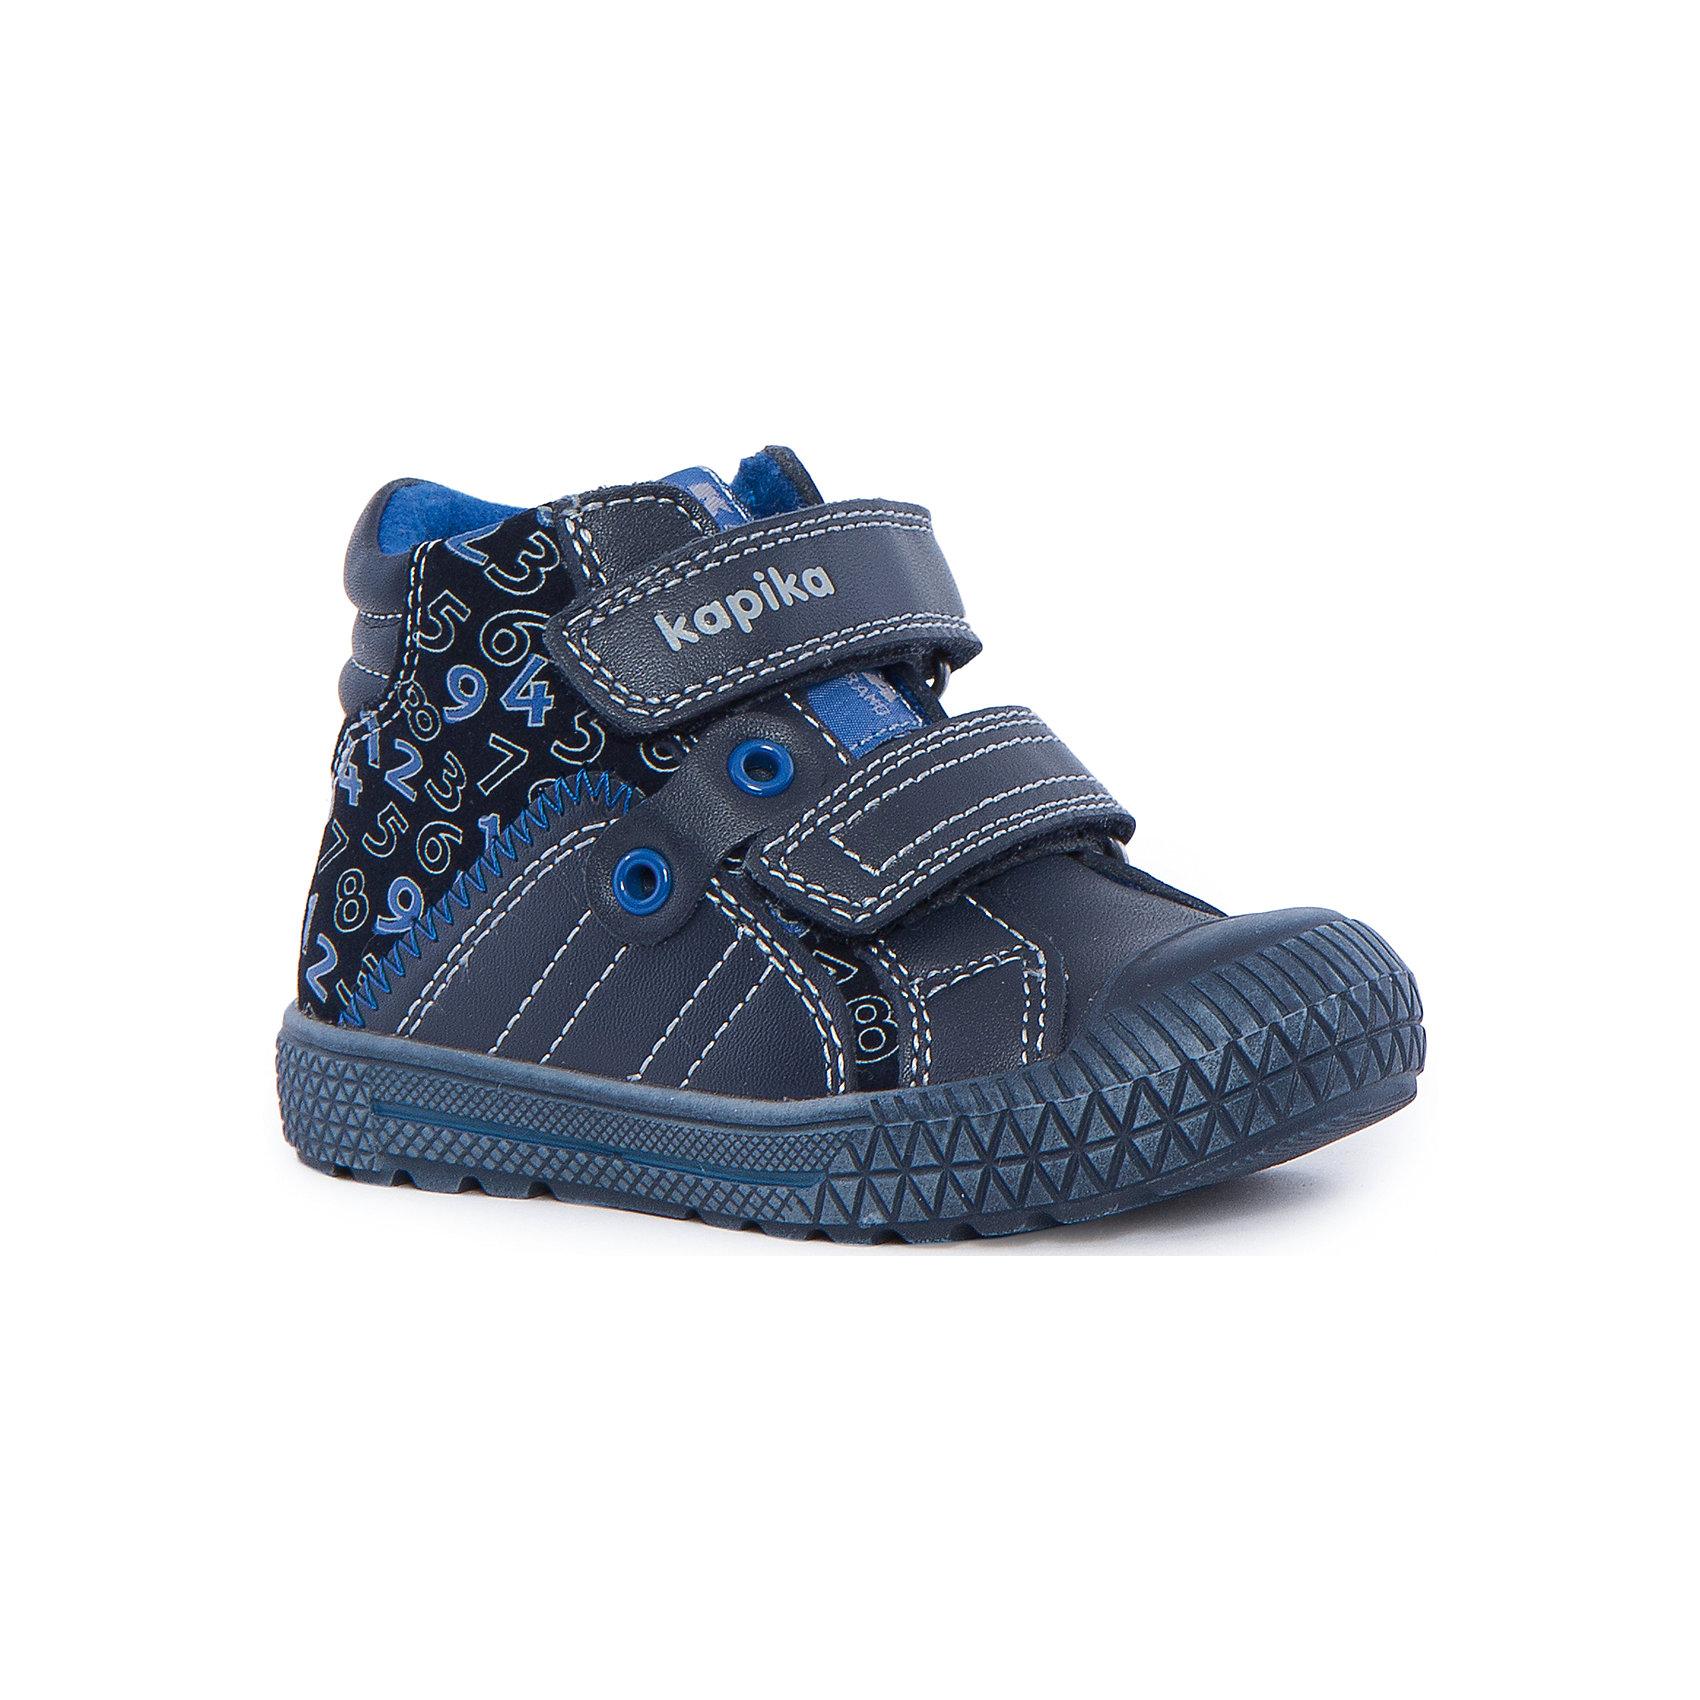 Ботинки для мальчика KAPIKAОбувь для малышей<br>Ботинки для мальчика KAPIKA – стиль, красота и тепло.<br>Красивые модные ботинки из натуральной кожи делают ходьбу комфортной и теплой. Ботинки сделаны с жестким задником и супинатором для правильного формирования ступни. Хорошо прилегают к ноге, закрепляясь двумя липучками. Прорезиненный нос и подошва.<br><br>Дополнительная информация:<br><br>- материал верха: натуральная кожа/искусственная кожа<br>- цвет: синие<br><br>Ботинки для мальчика KAPIKA можно купить в нашем интернет магазине.<br><br>Ширина мм: 262<br>Глубина мм: 176<br>Высота мм: 97<br>Вес г: 427<br>Цвет: синий<br>Возраст от месяцев: 21<br>Возраст до месяцев: 24<br>Пол: Мужской<br>Возраст: Детский<br>Размер: 22,23,24,21<br>SKU: 4988005